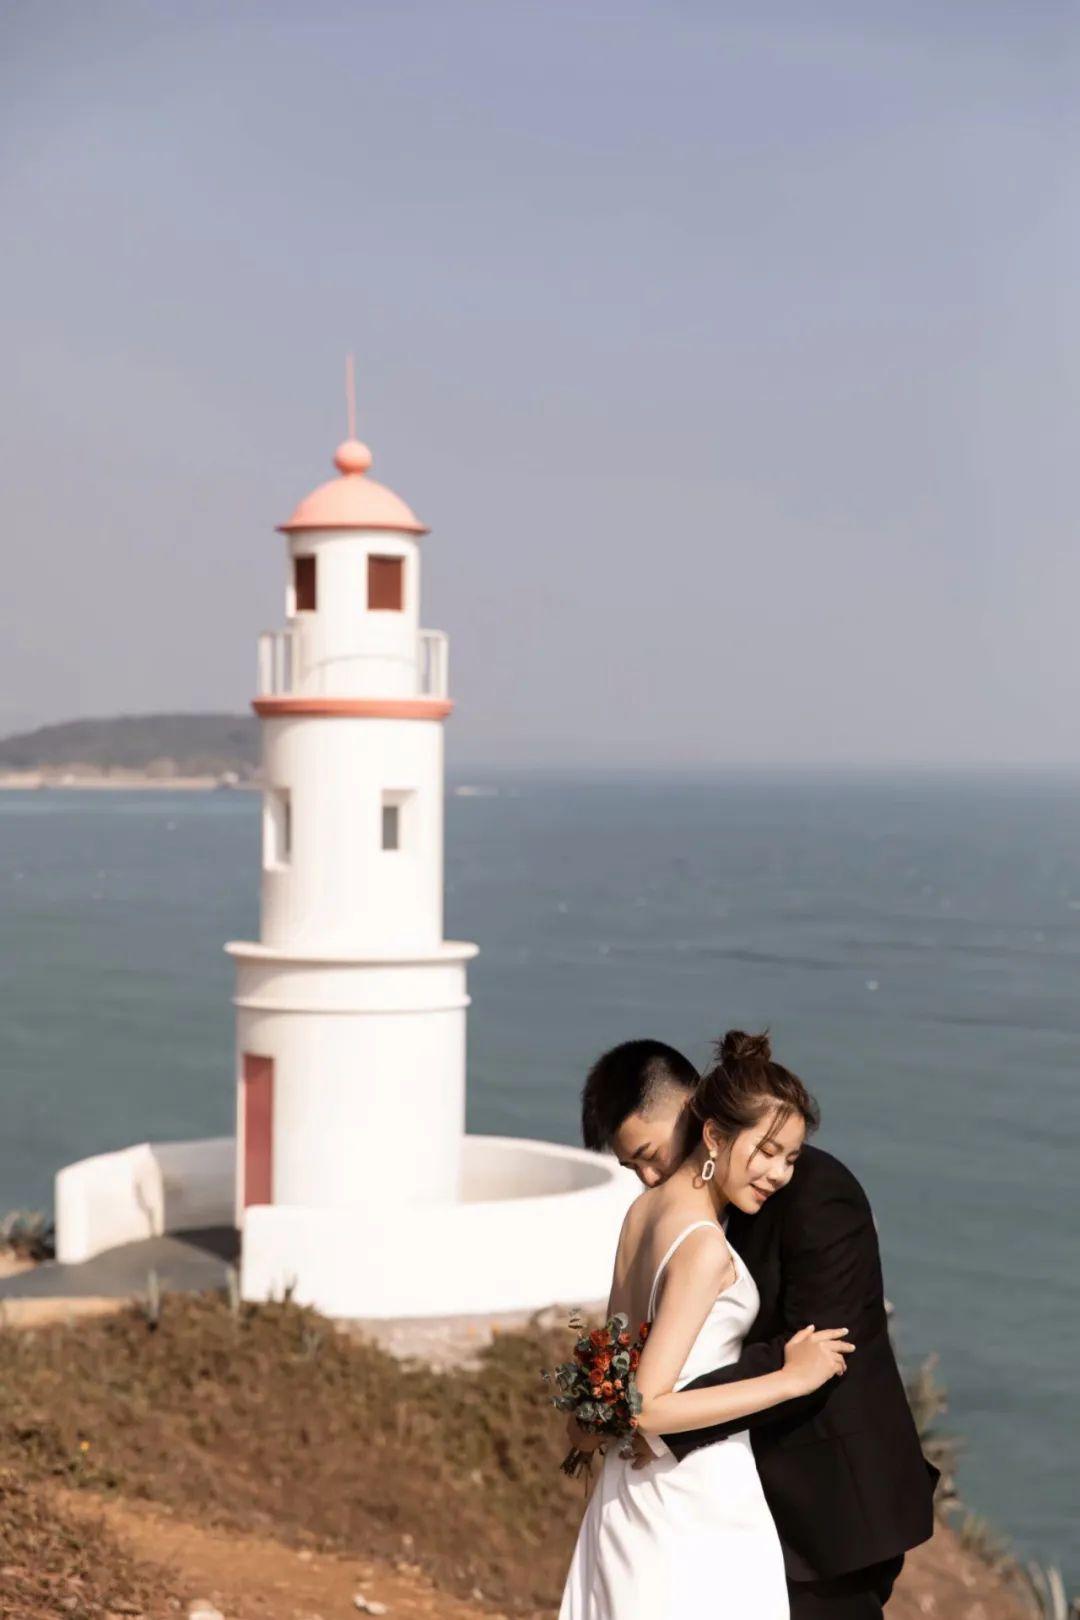 MG 婚礼电影 | 厦门婚纱旅拍.猫咪夫妇的爱情